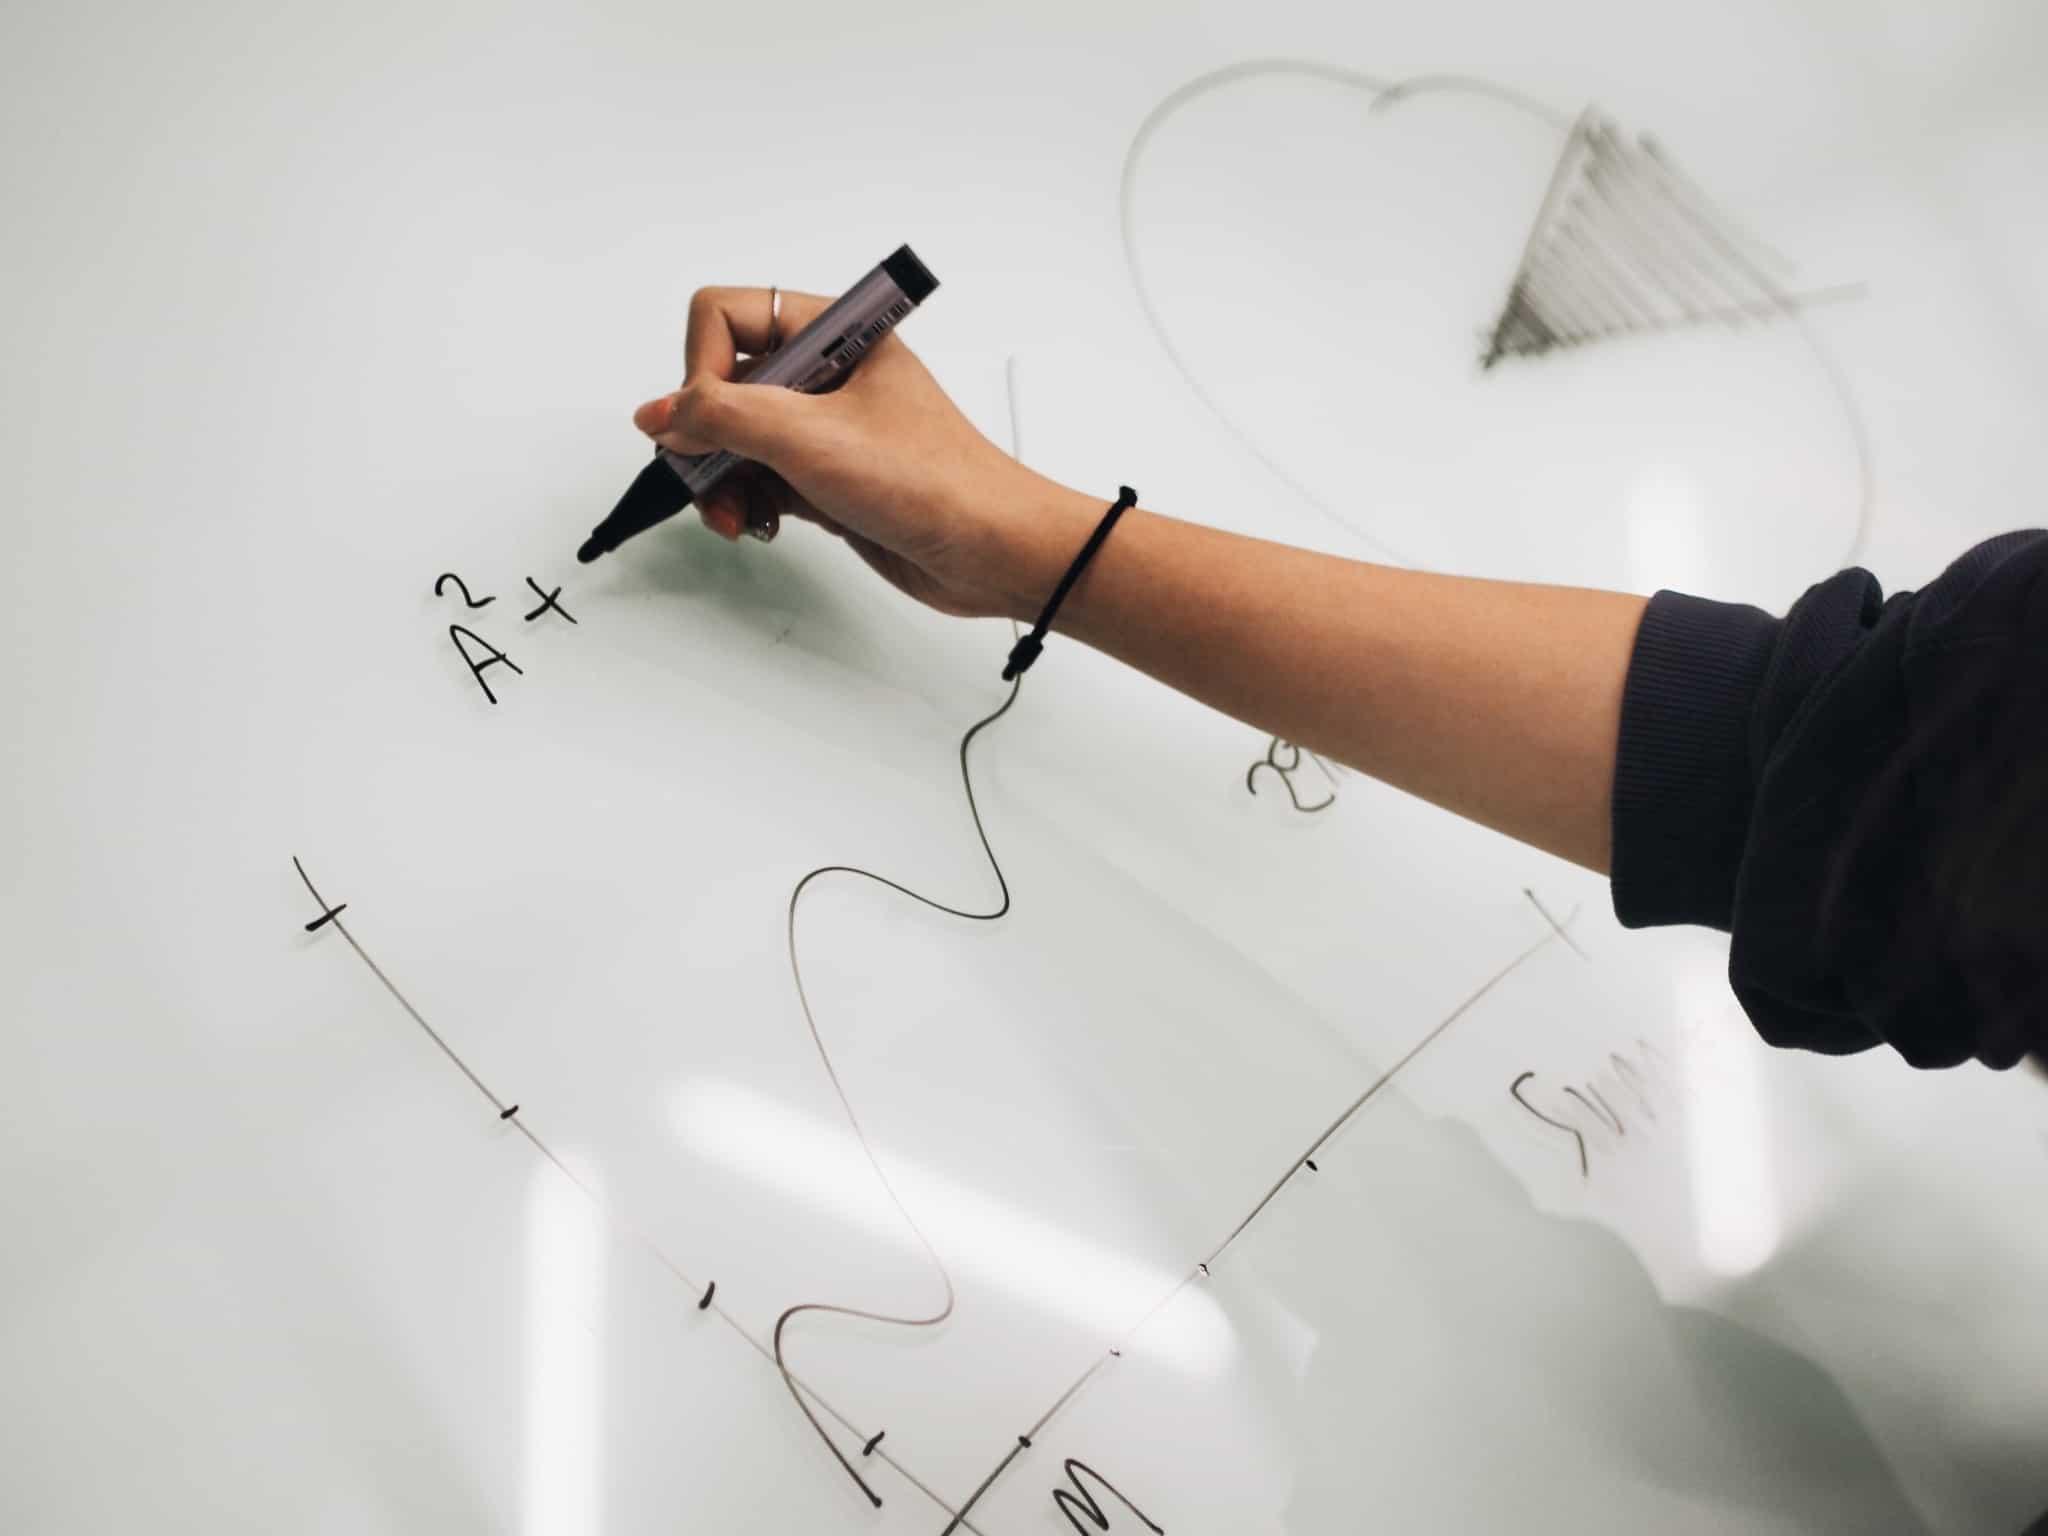 pessoa com caneta de feltro a escrever fórmulas